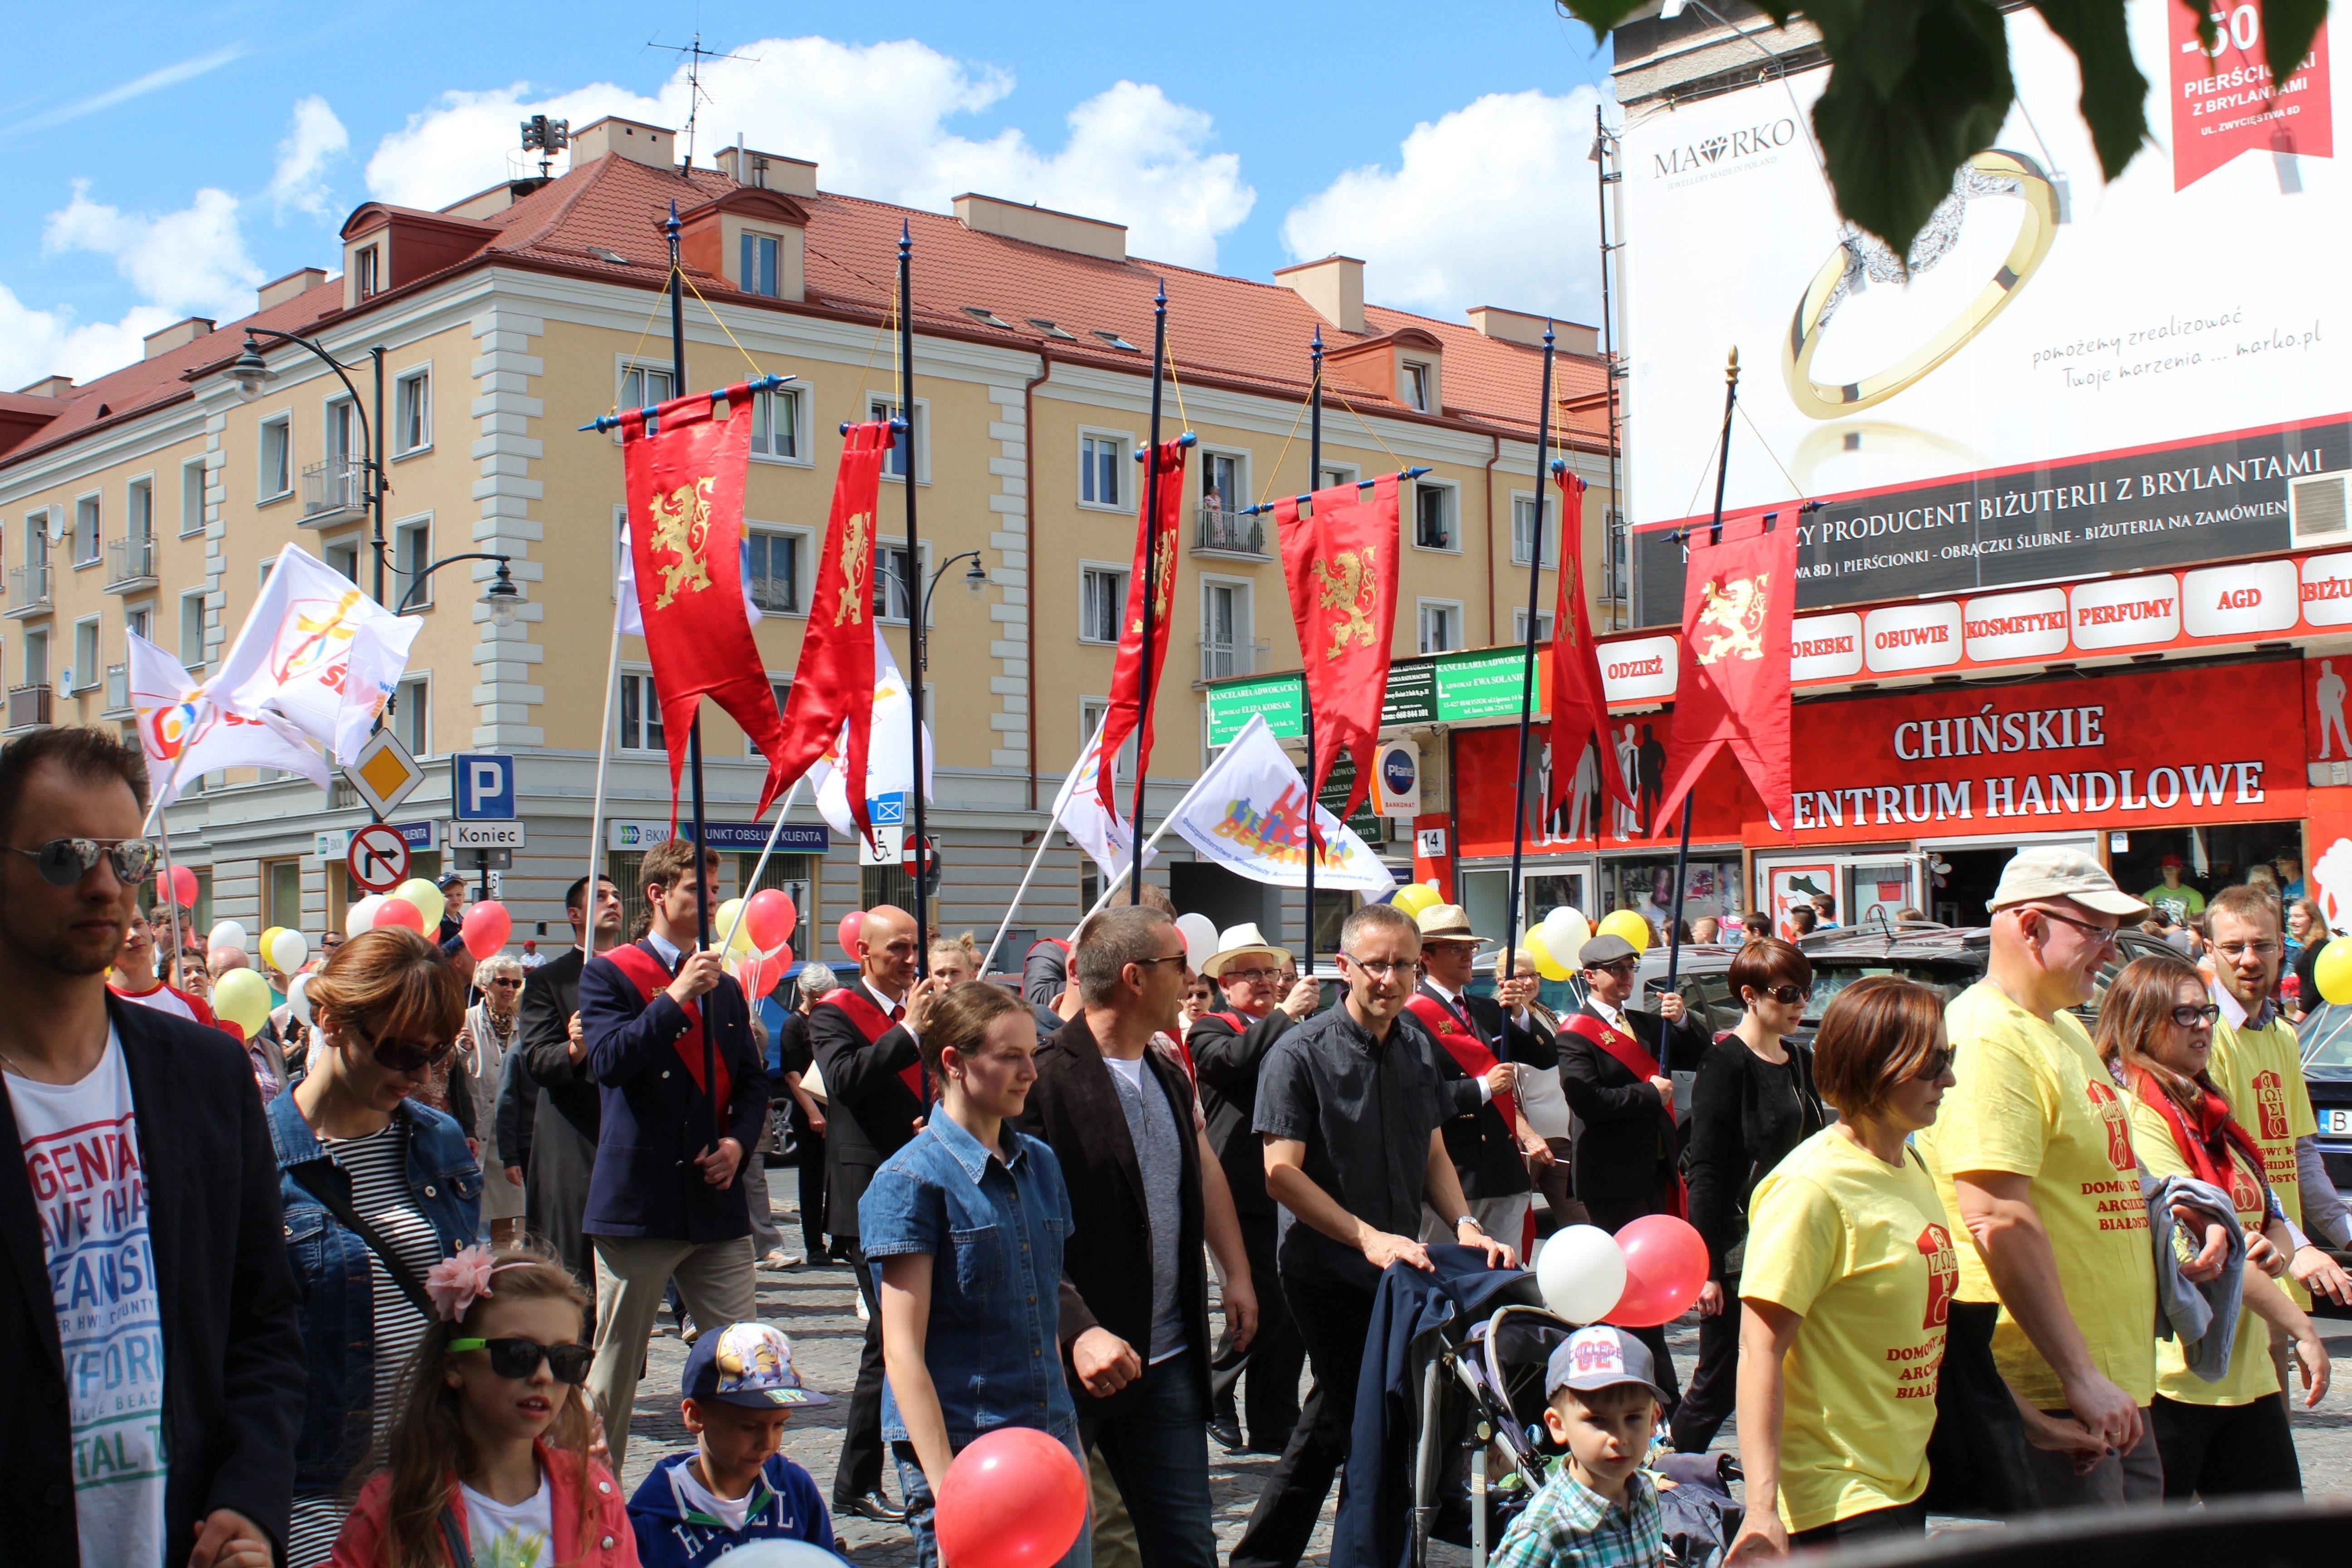 Poolse pro-lifers halen handtekeningen op voor het abortusverbod.